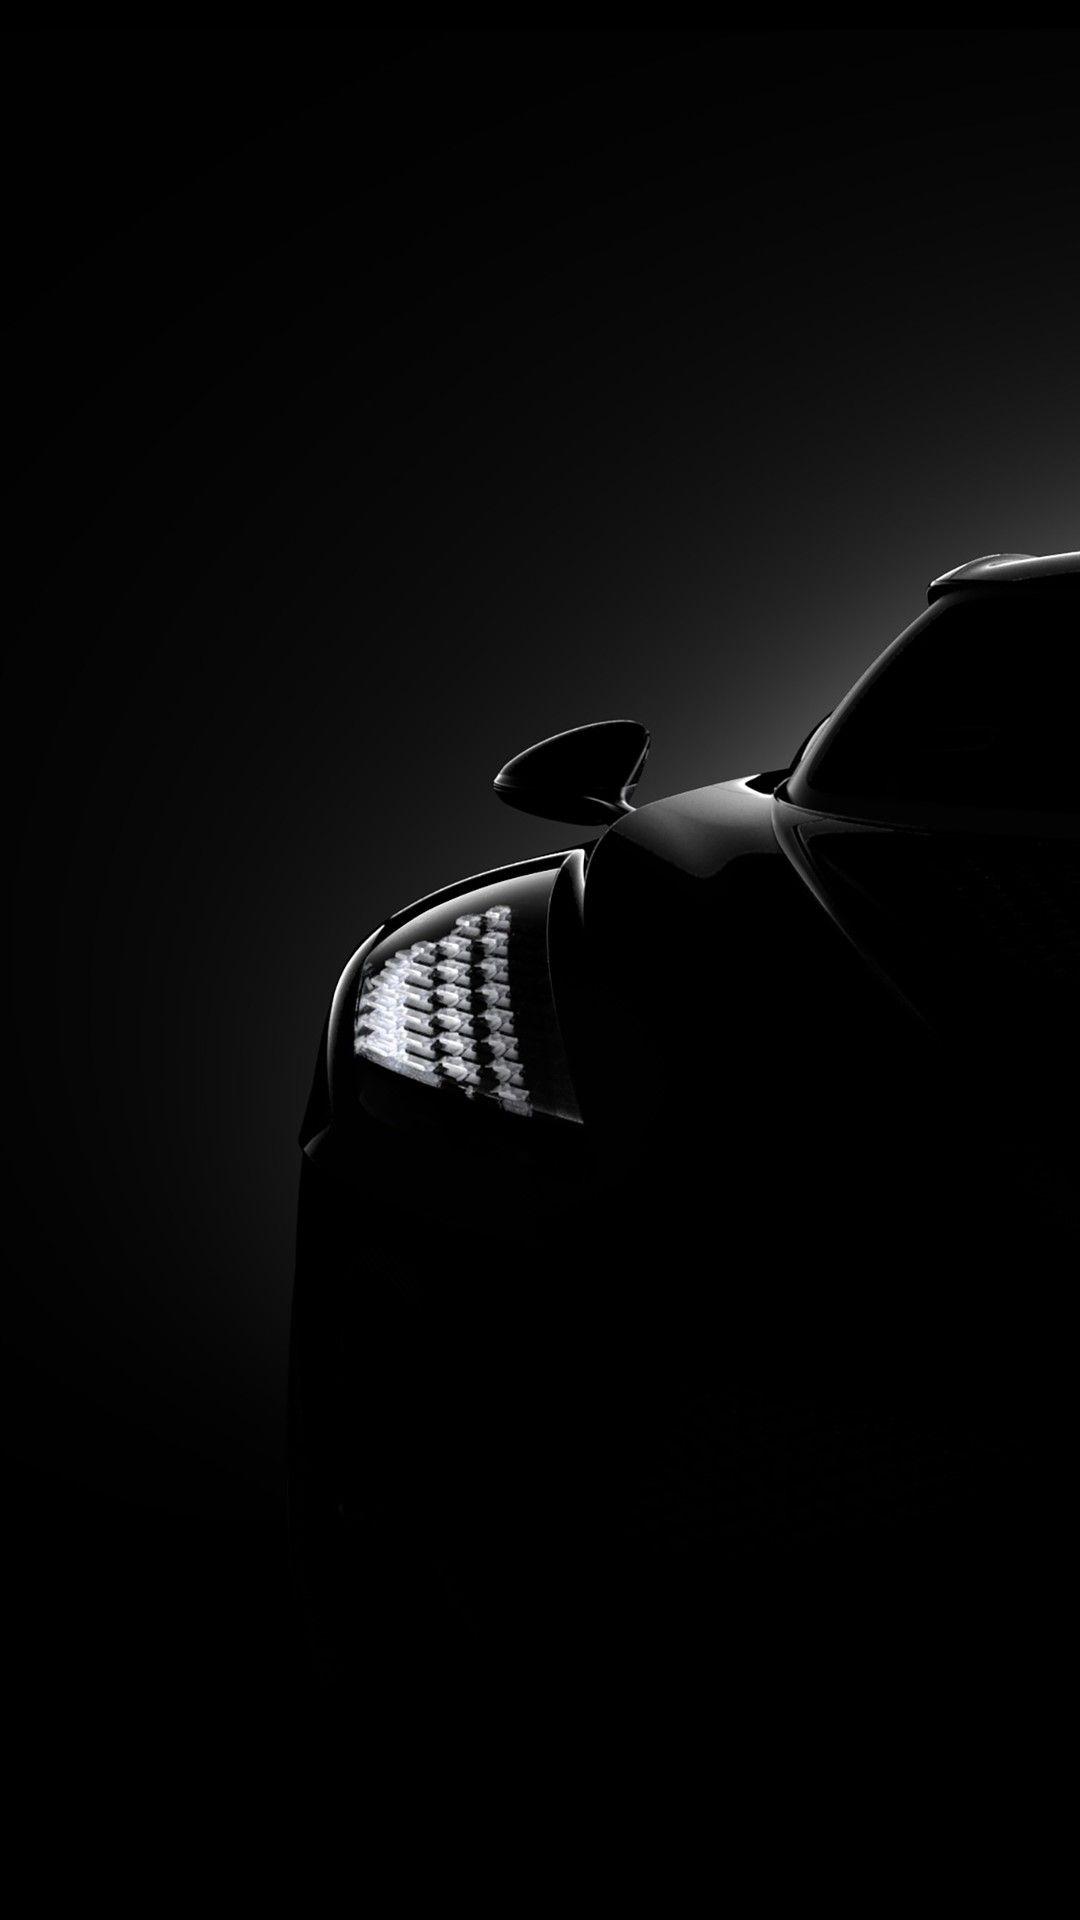 Bugatti La Voiture Noire 2019 La Voiture Noire Bugatti La Voiture Noire Bugatti